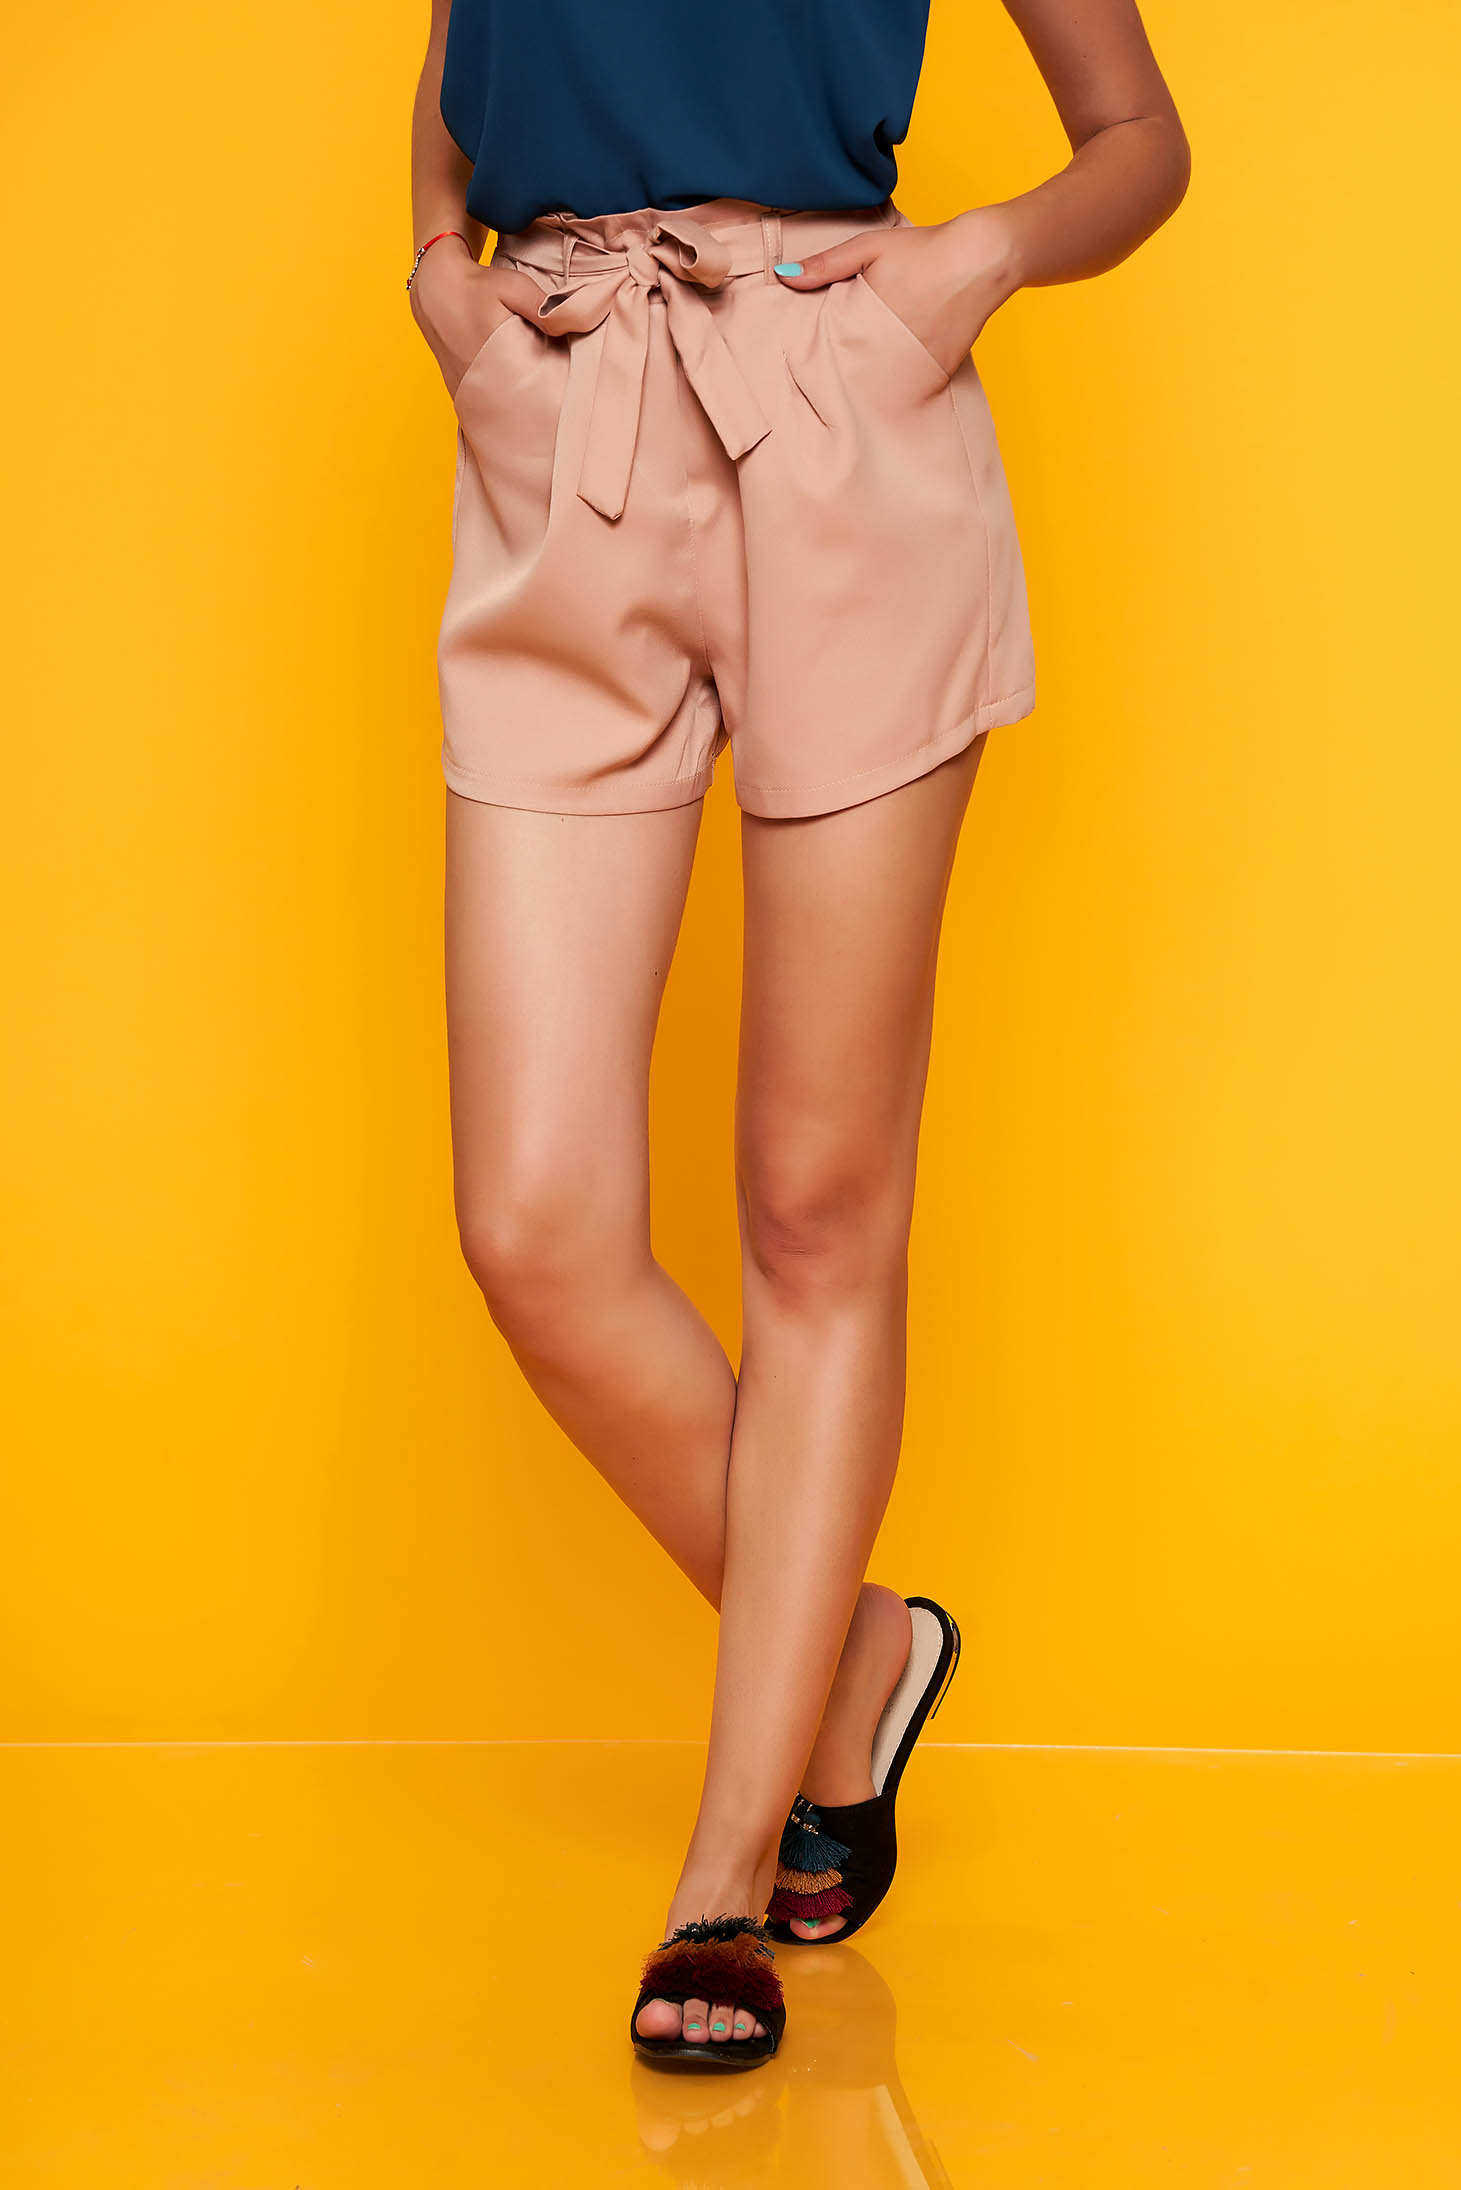 Világos rózsaszín casual magas derekú elöl zsebes rövidnadrág övvel ellátva